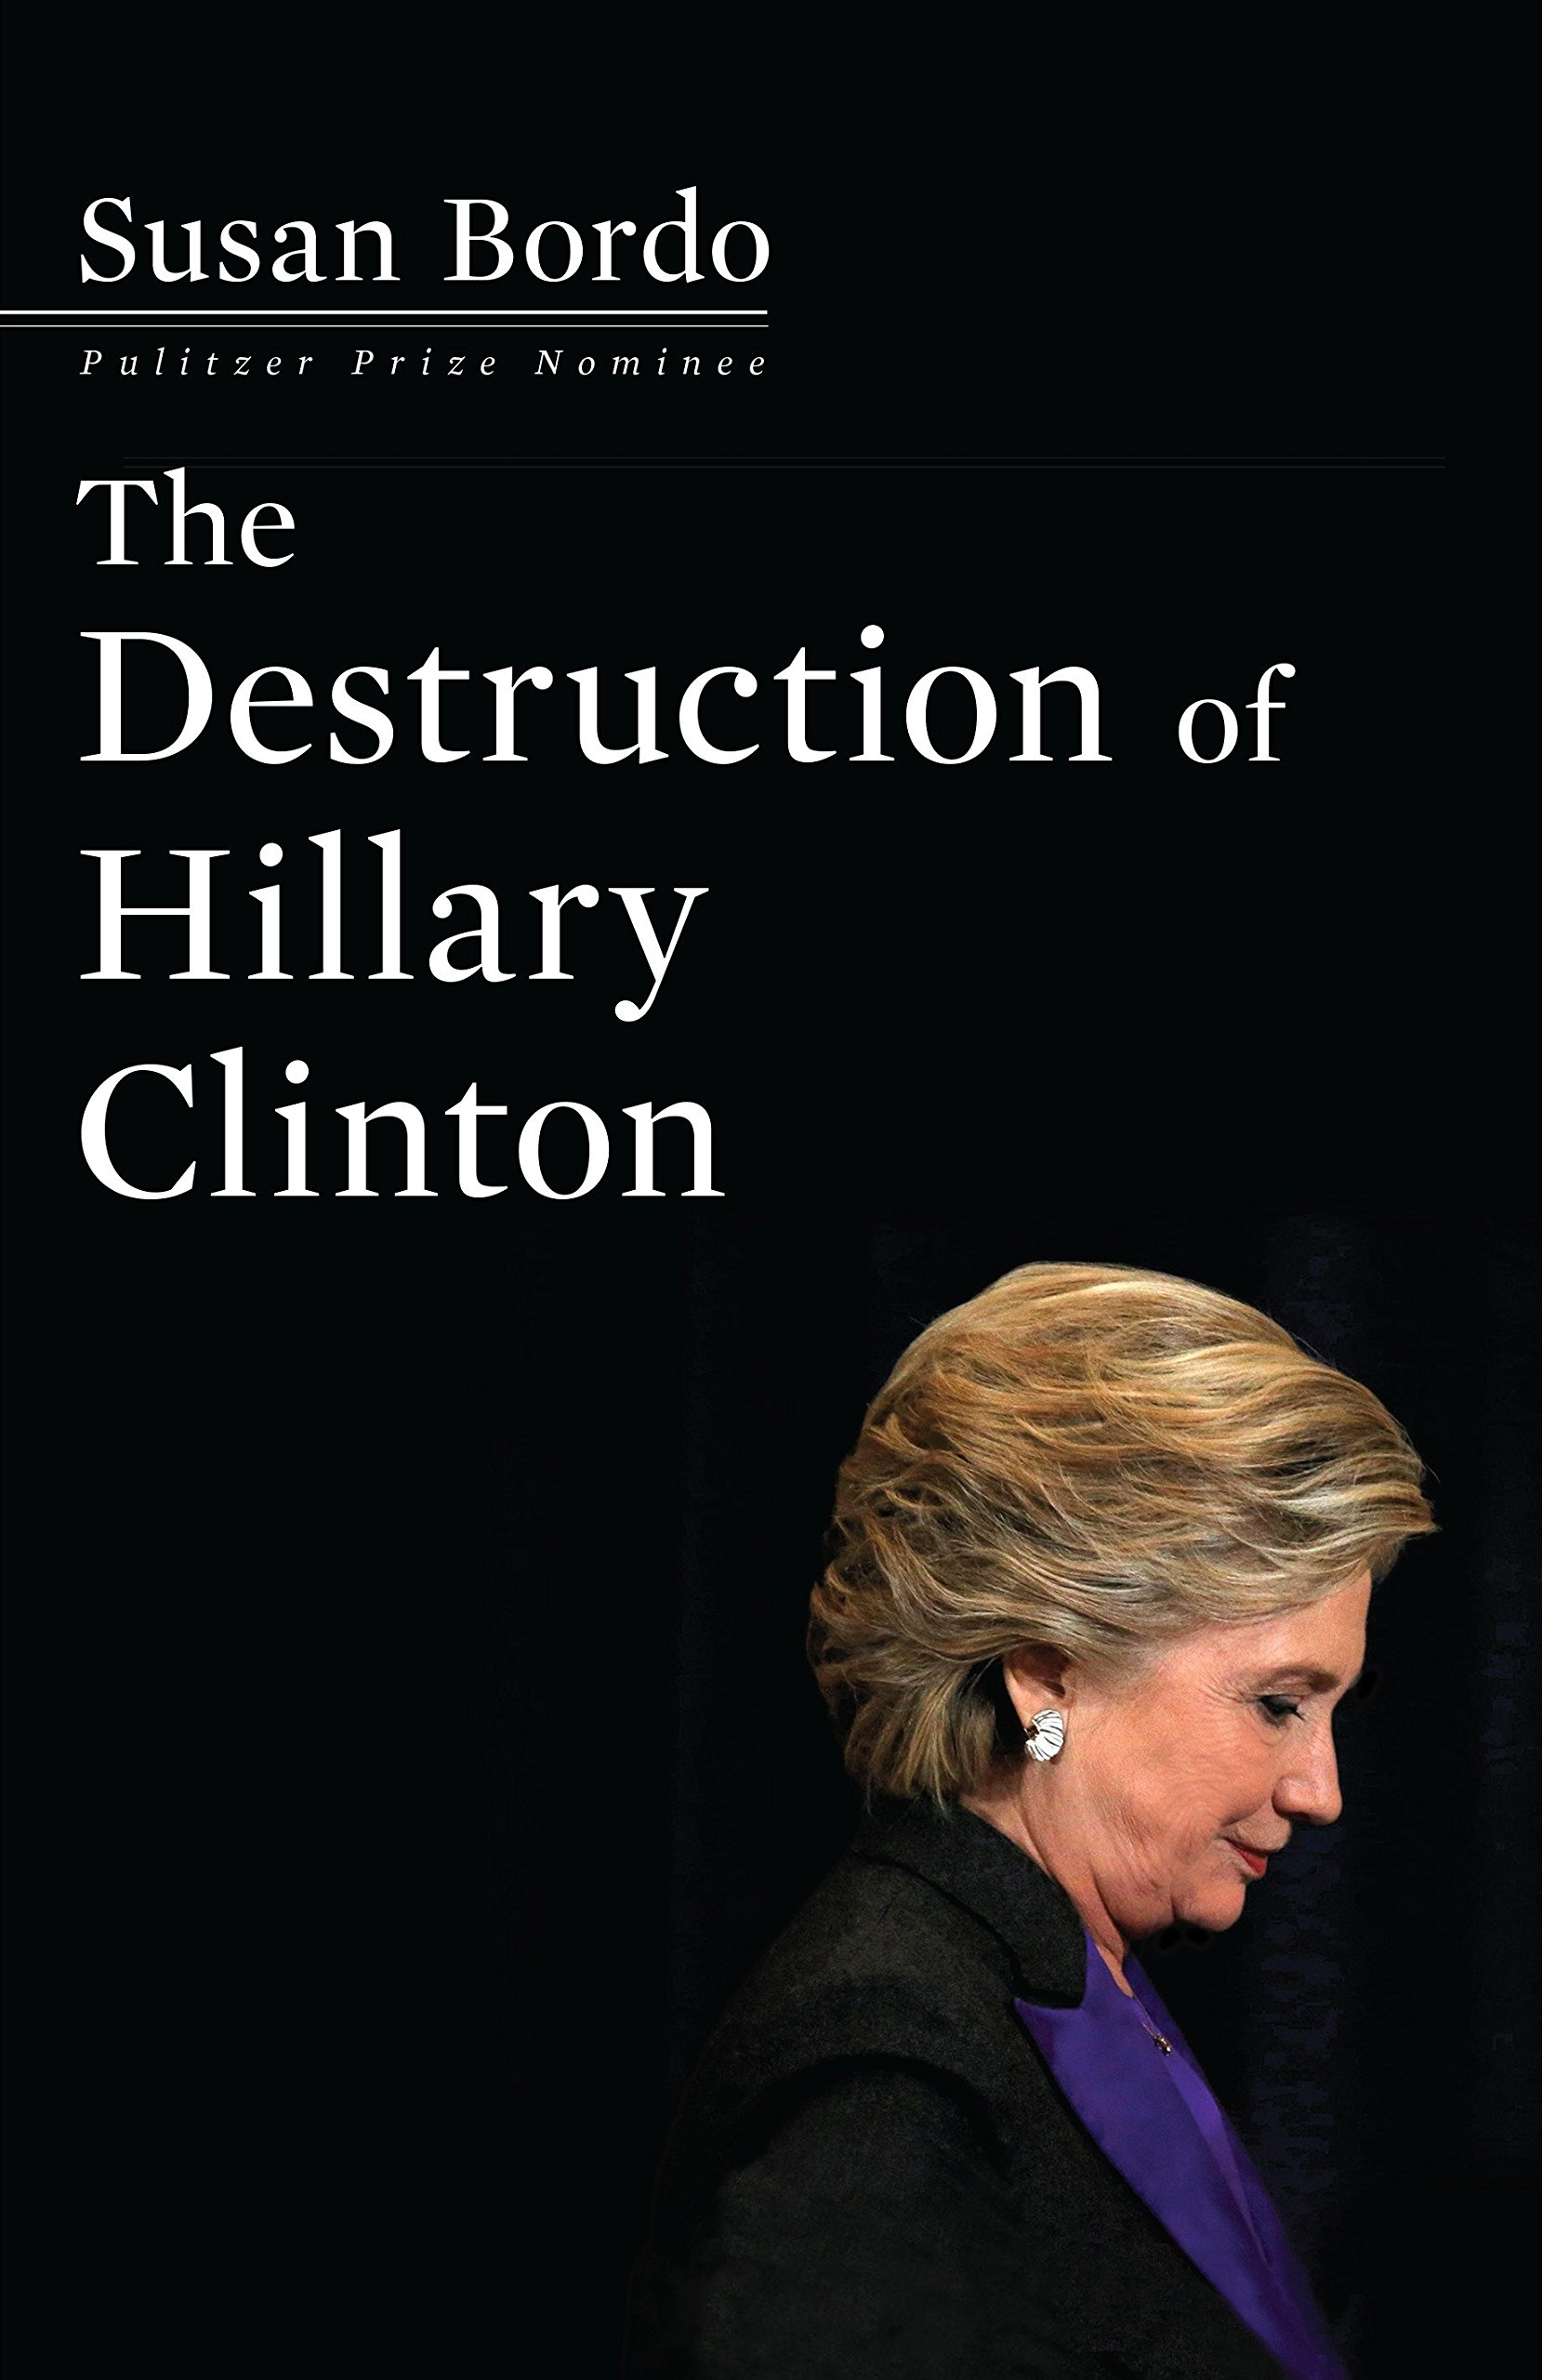 c114e6128 The Destruction of Hillary Clinton: Susan Bordo: 9781612196633 ...